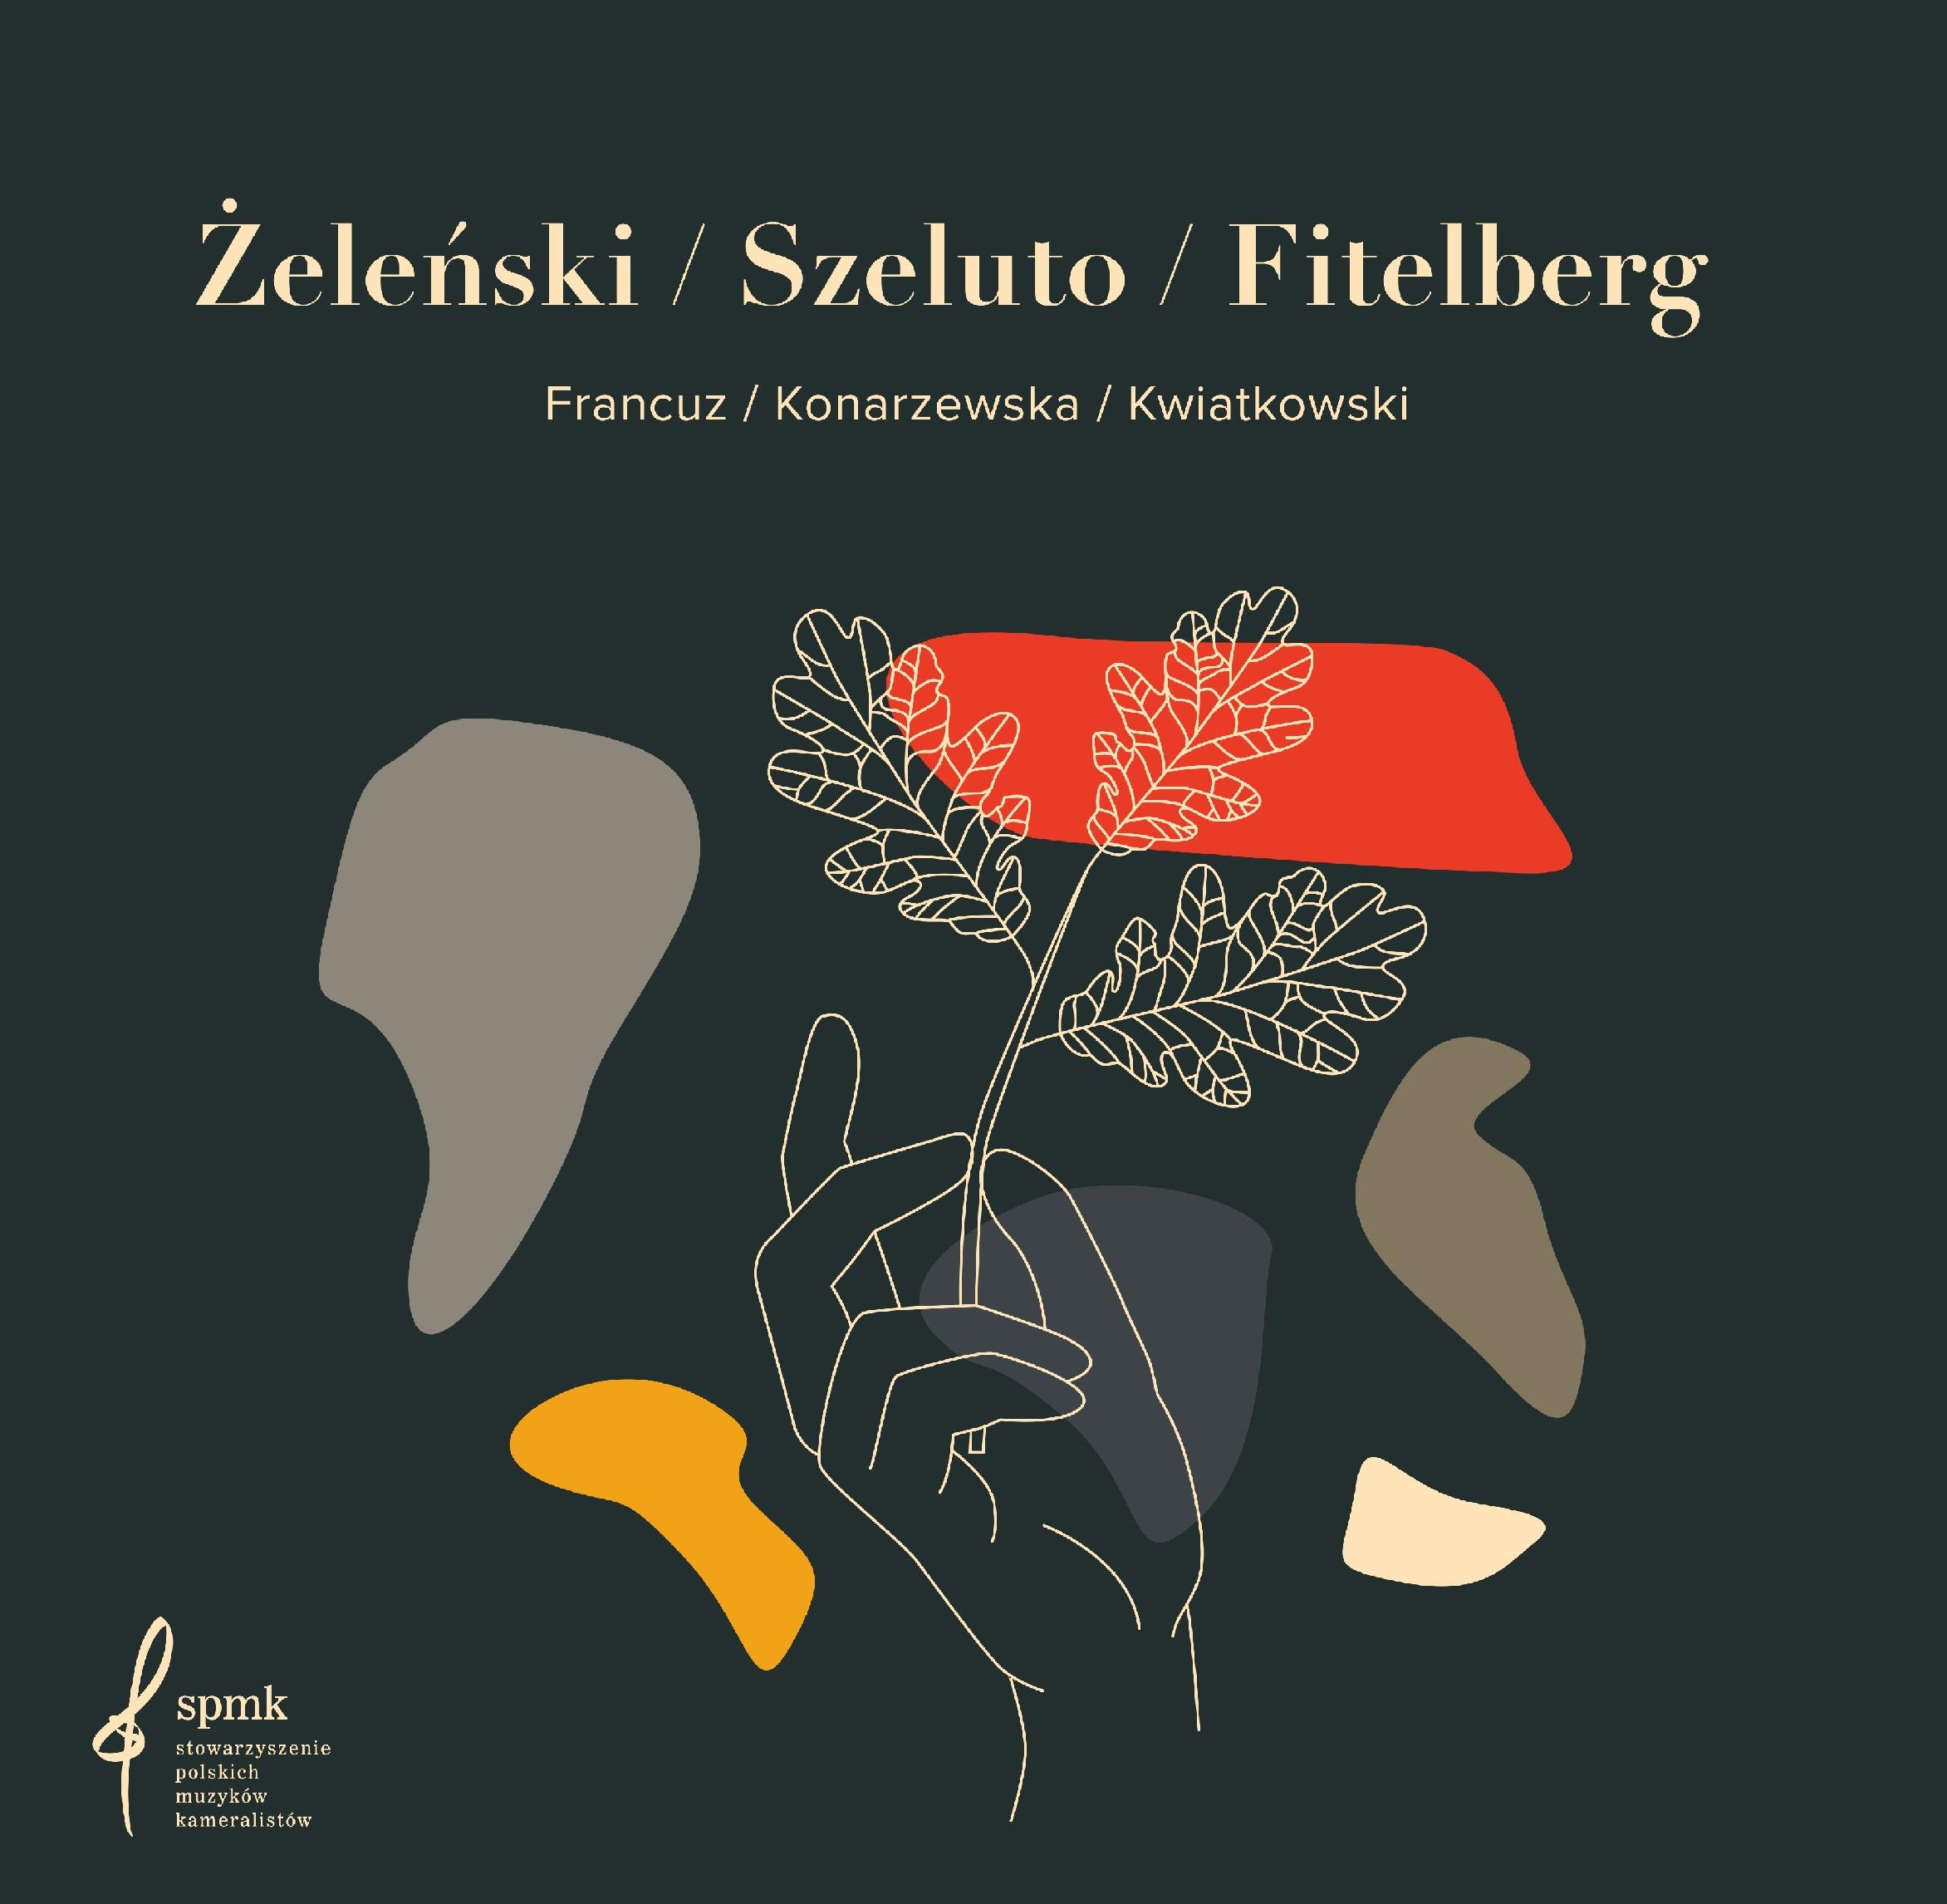 Tria fortepianowe – Żeleński, Szeluto, Fitelberg